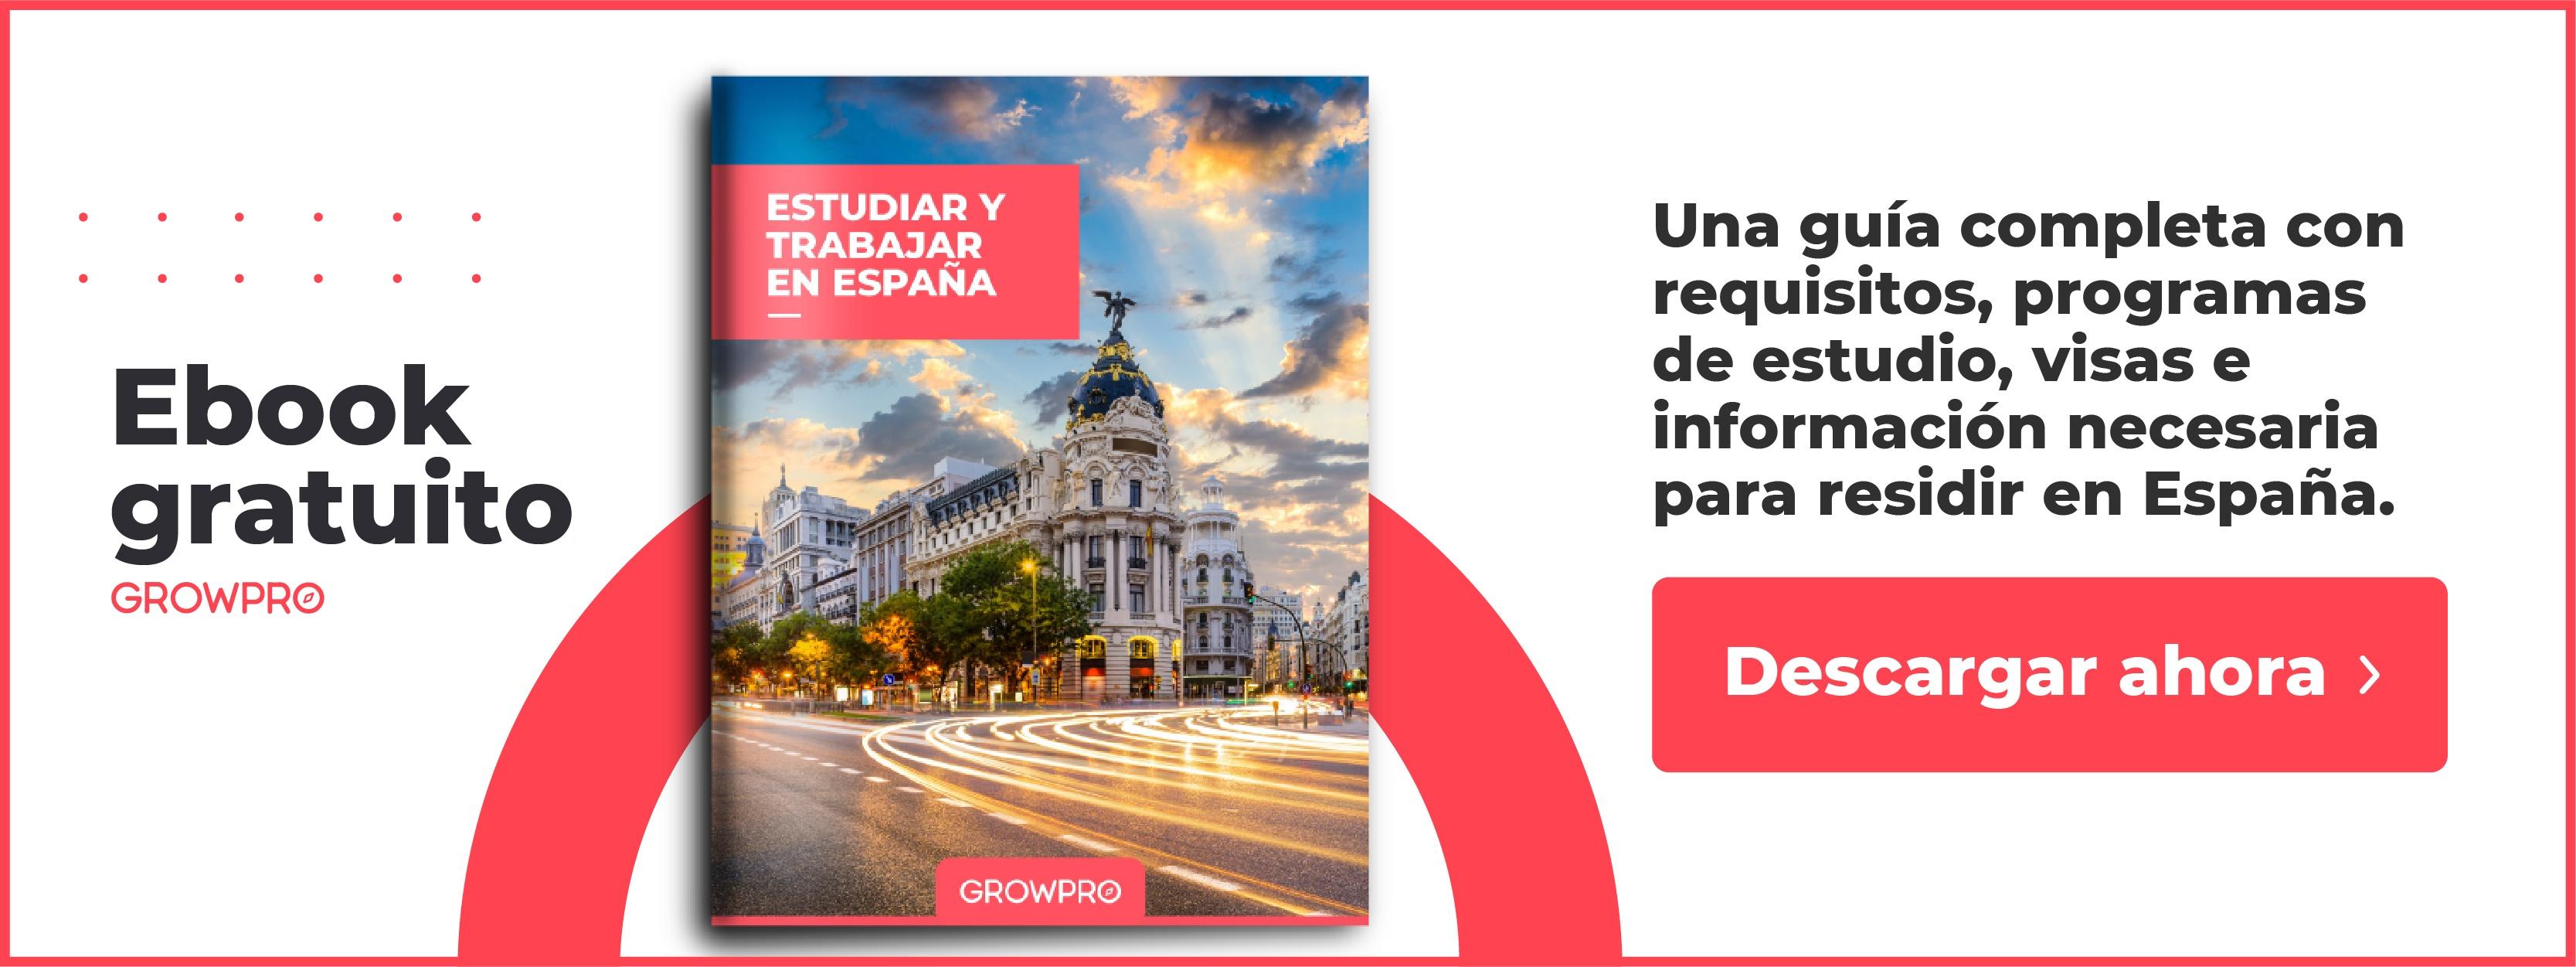 [ES] [EBOOK] CTA Estudiar y trabajar en España